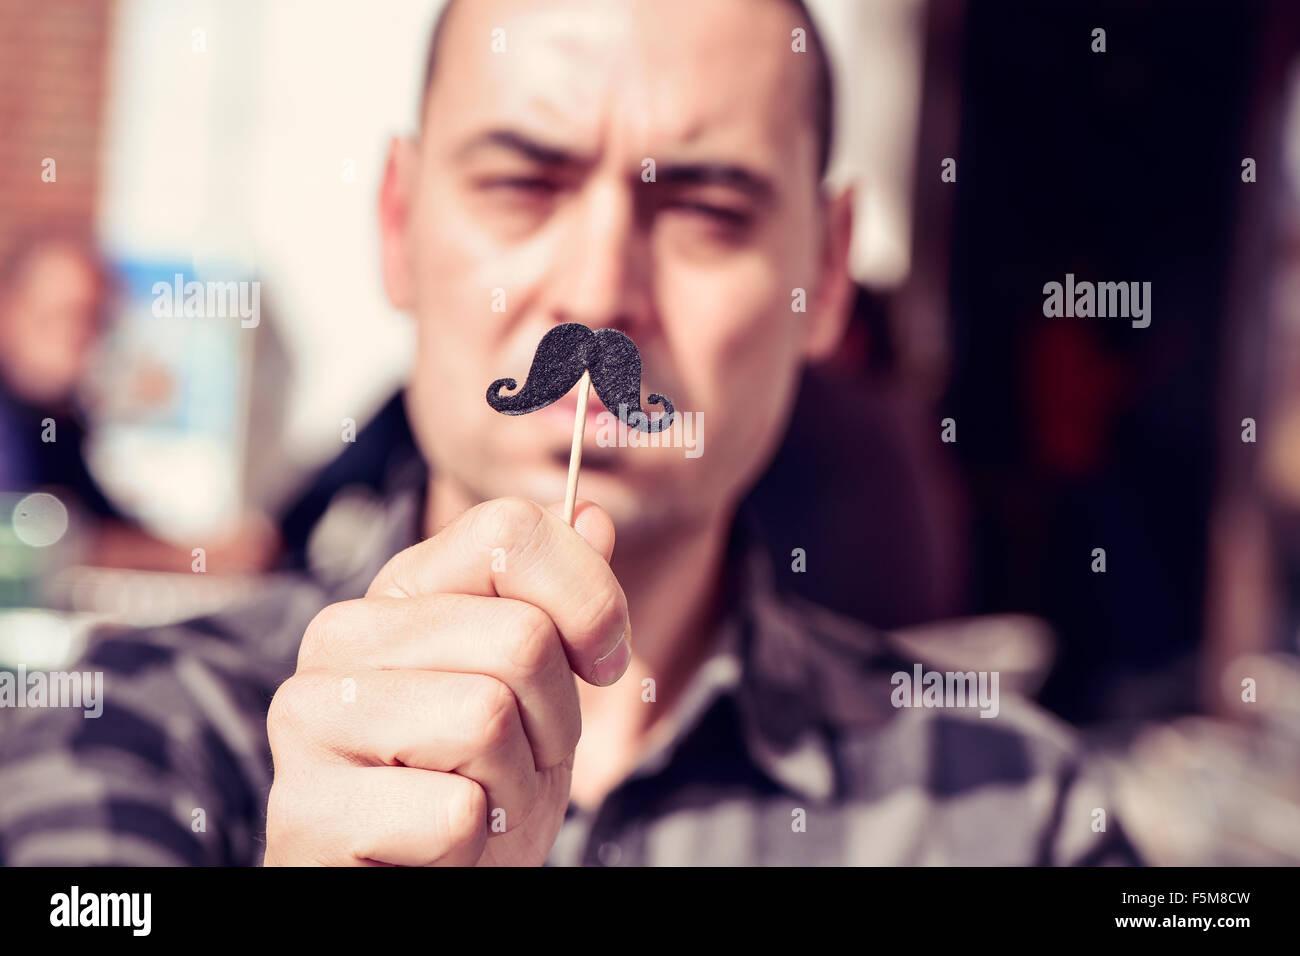 Un giovane uomo caucasico tenendo un baffi finti in un bastone davanti al suo volto Immagini Stock